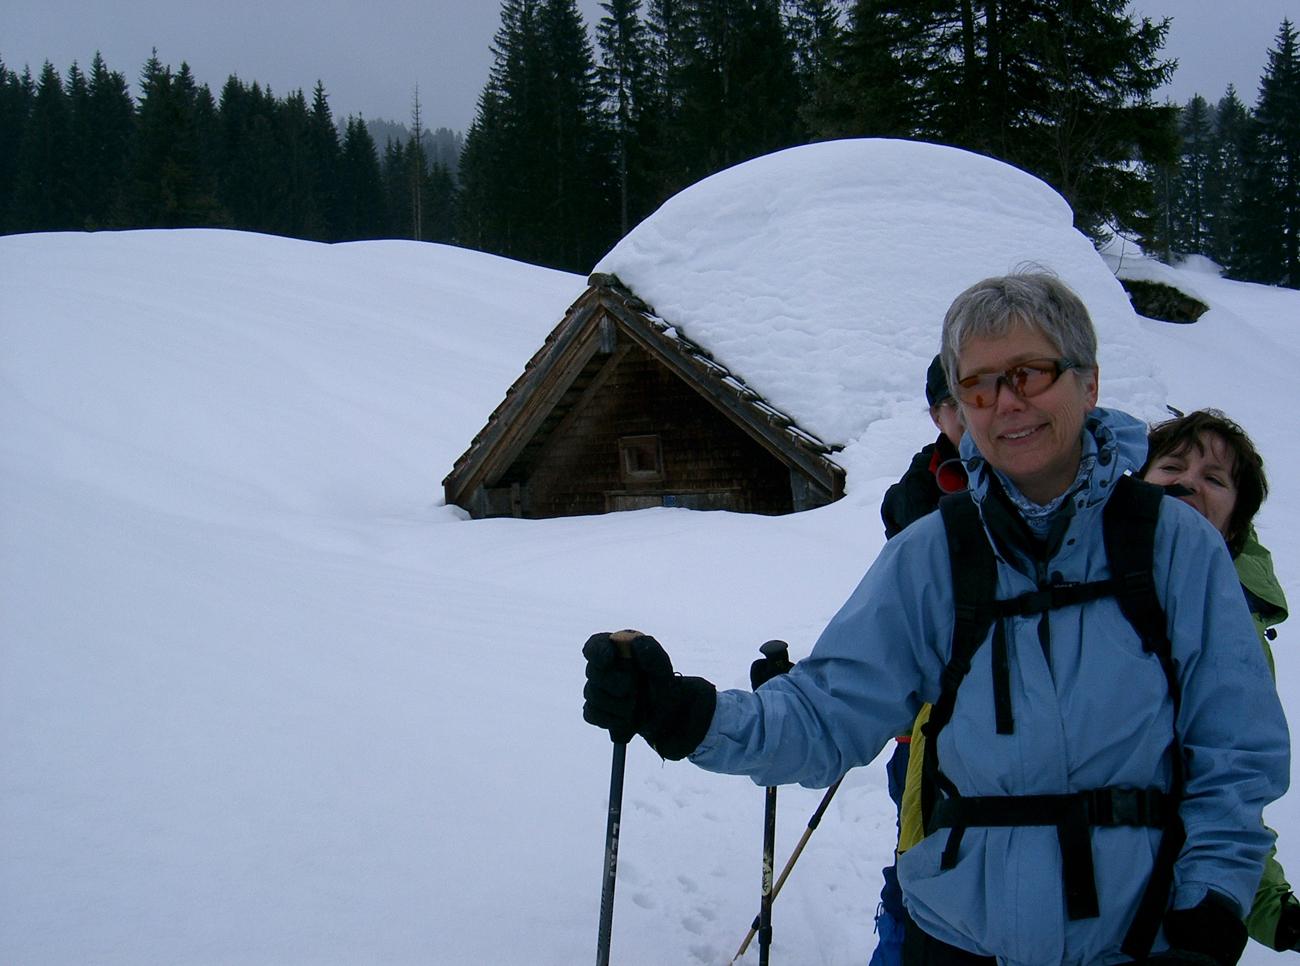 schnee-auf-dem-dach.jpg